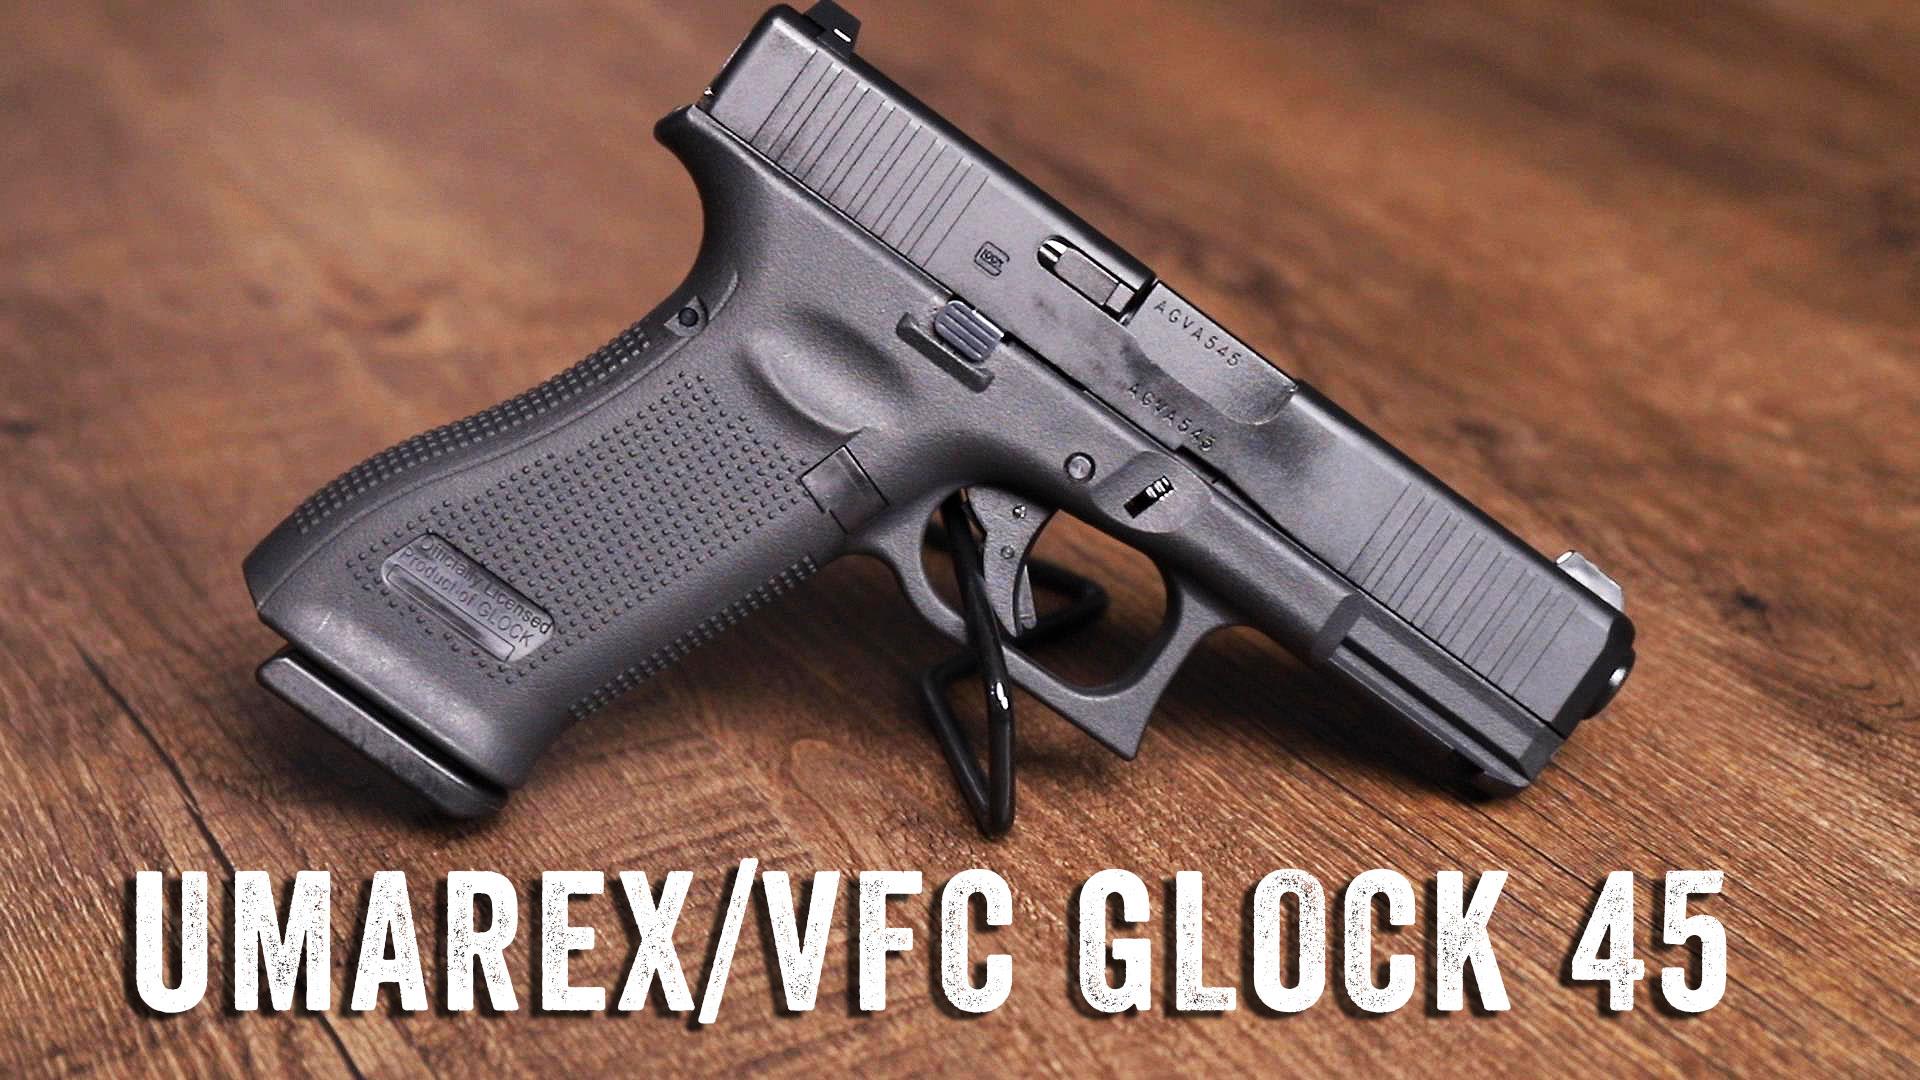 [海外Airsoft] GLOCK正版最新玩具 UMERAX VFC Glock 45 开箱对比测试